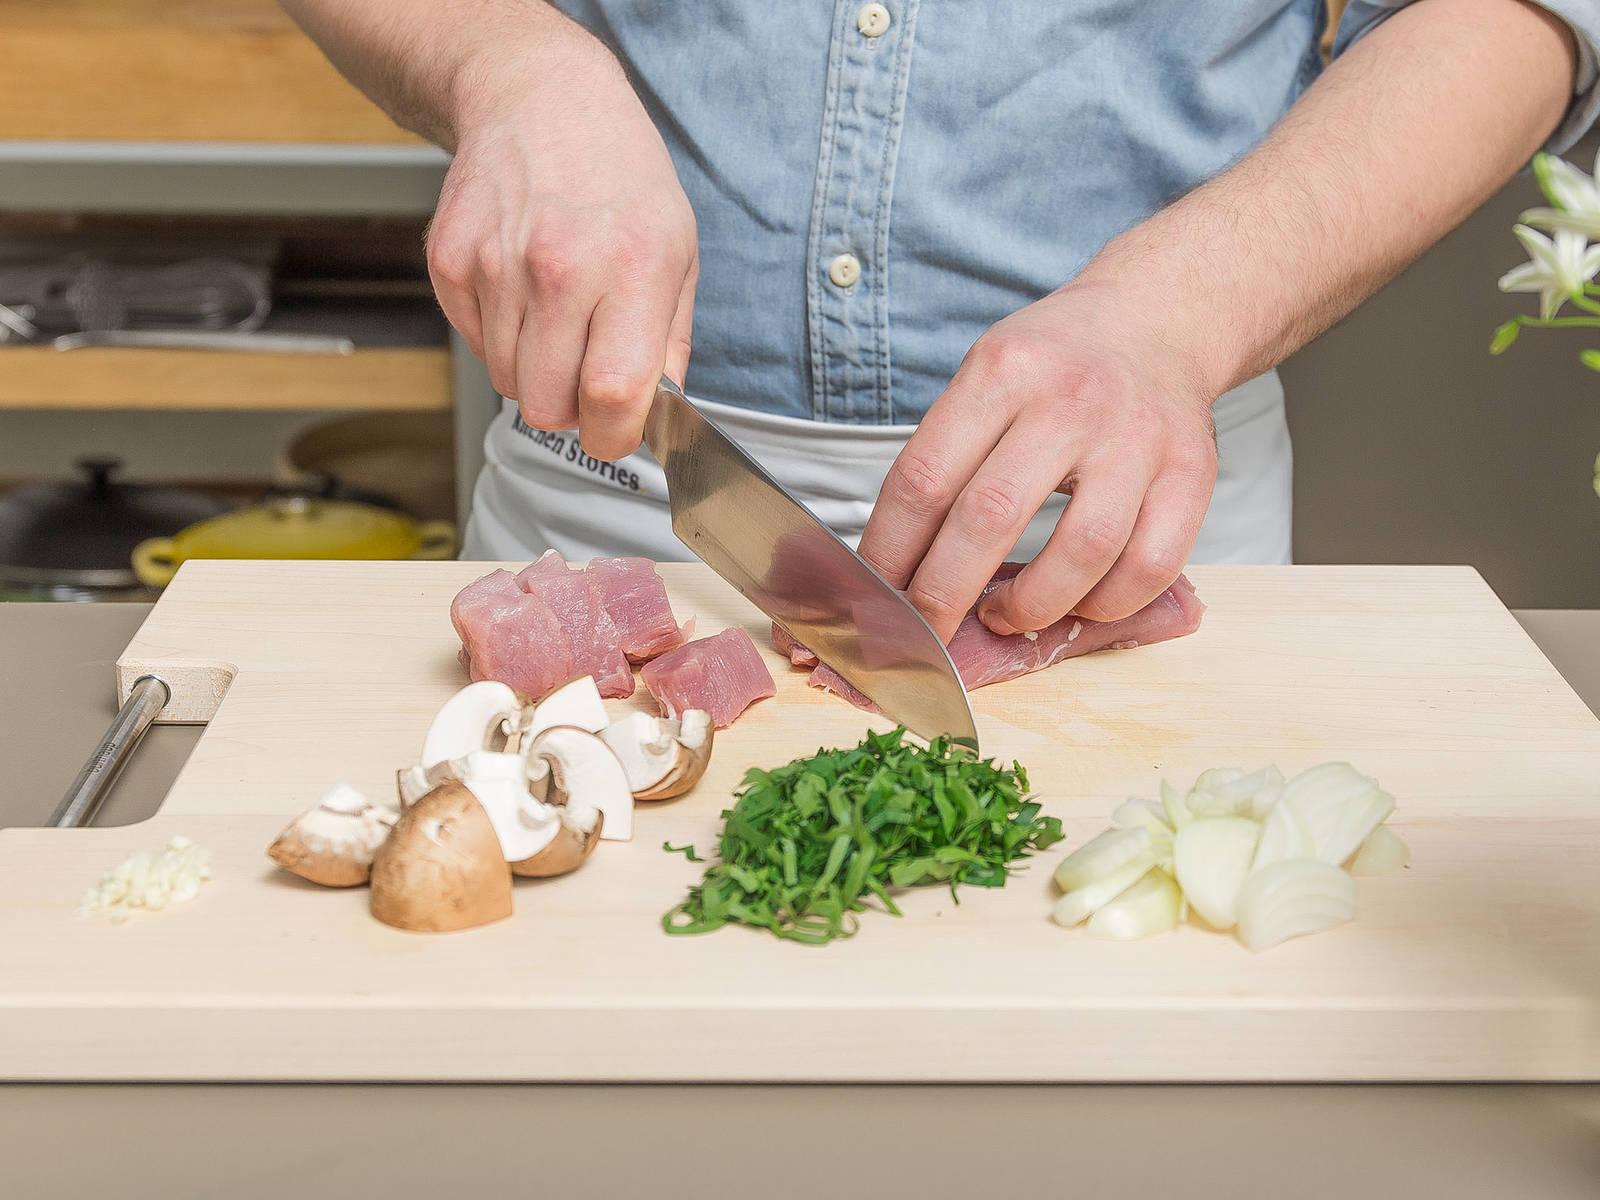 Petersilie grob hacken und beiseitestellen. Stiele der Champignons entfernen und Pilze vierteln. Zwiebeln und Knoblauch schälen und fein würfeln. Schweinefilet parieren und in gleich große Stücke schneiden.